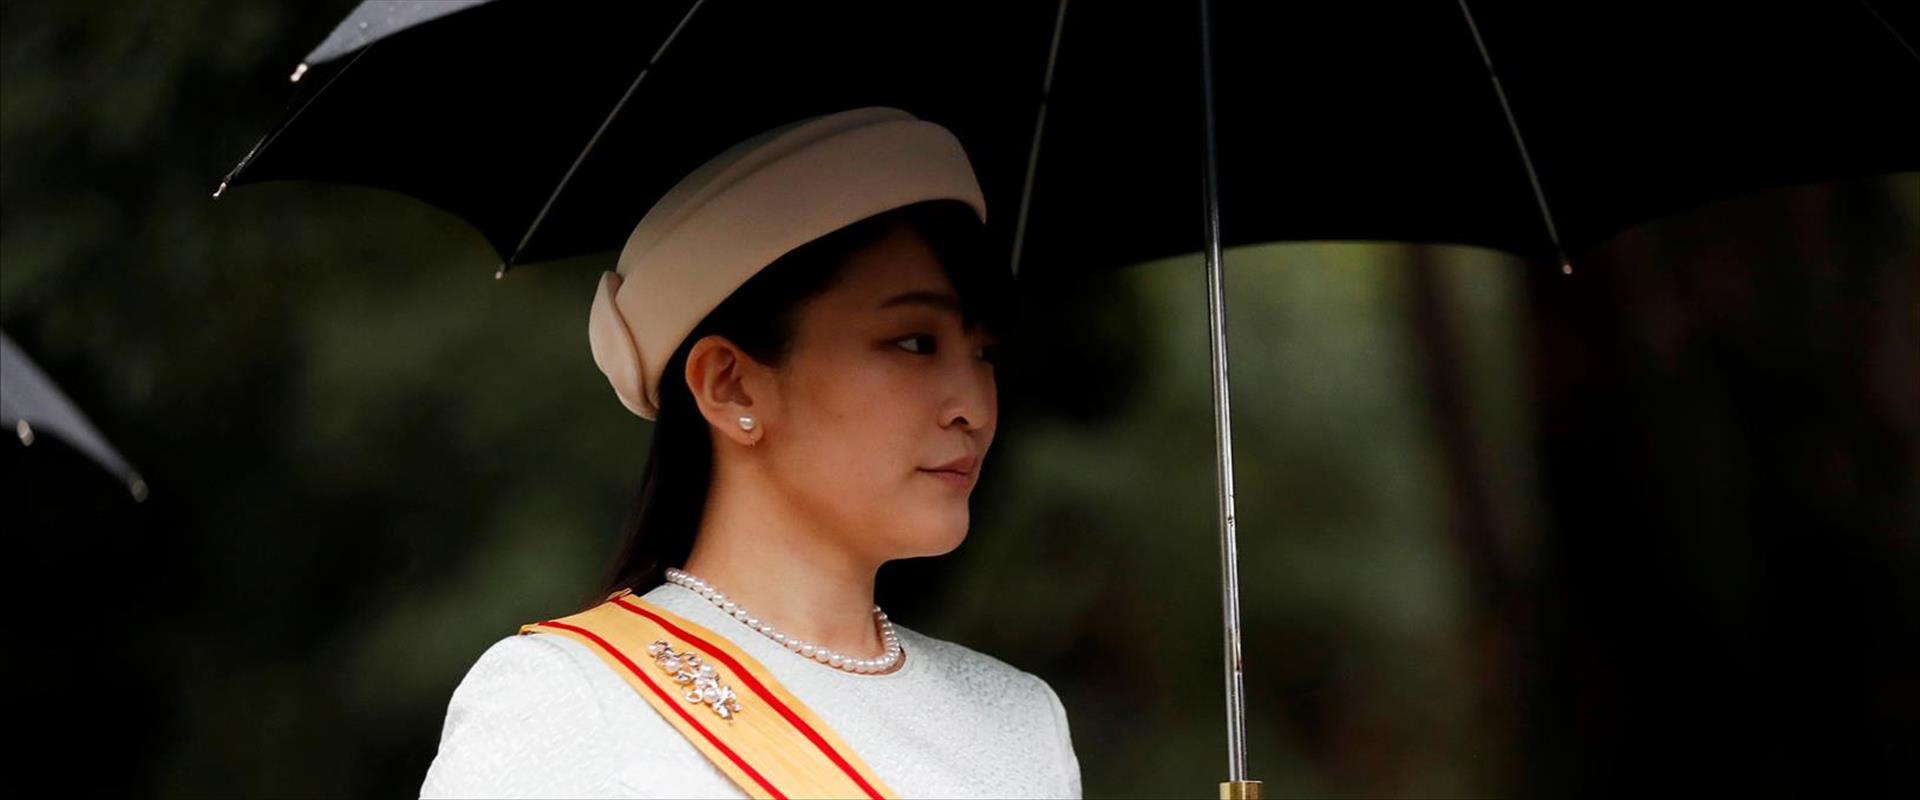 הנסיכה היפנית מאקו